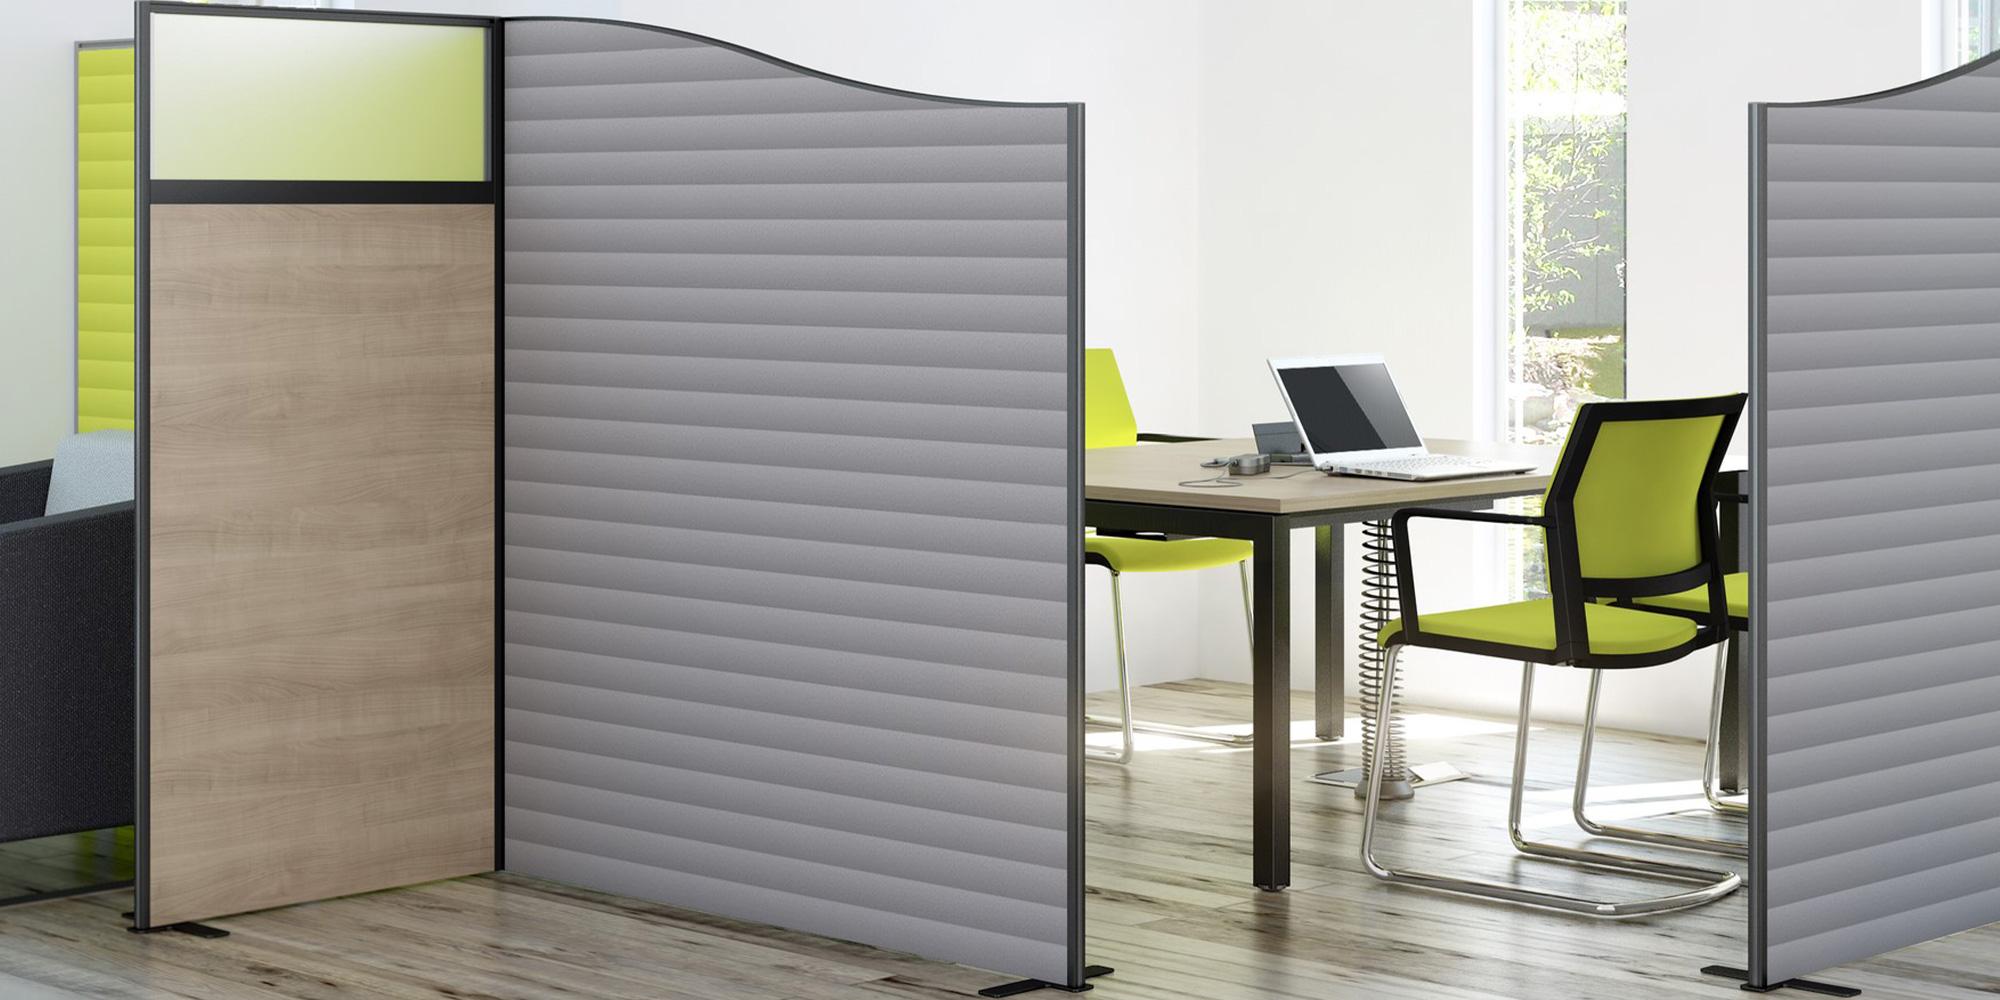 System Floor Standing Screens Roomset